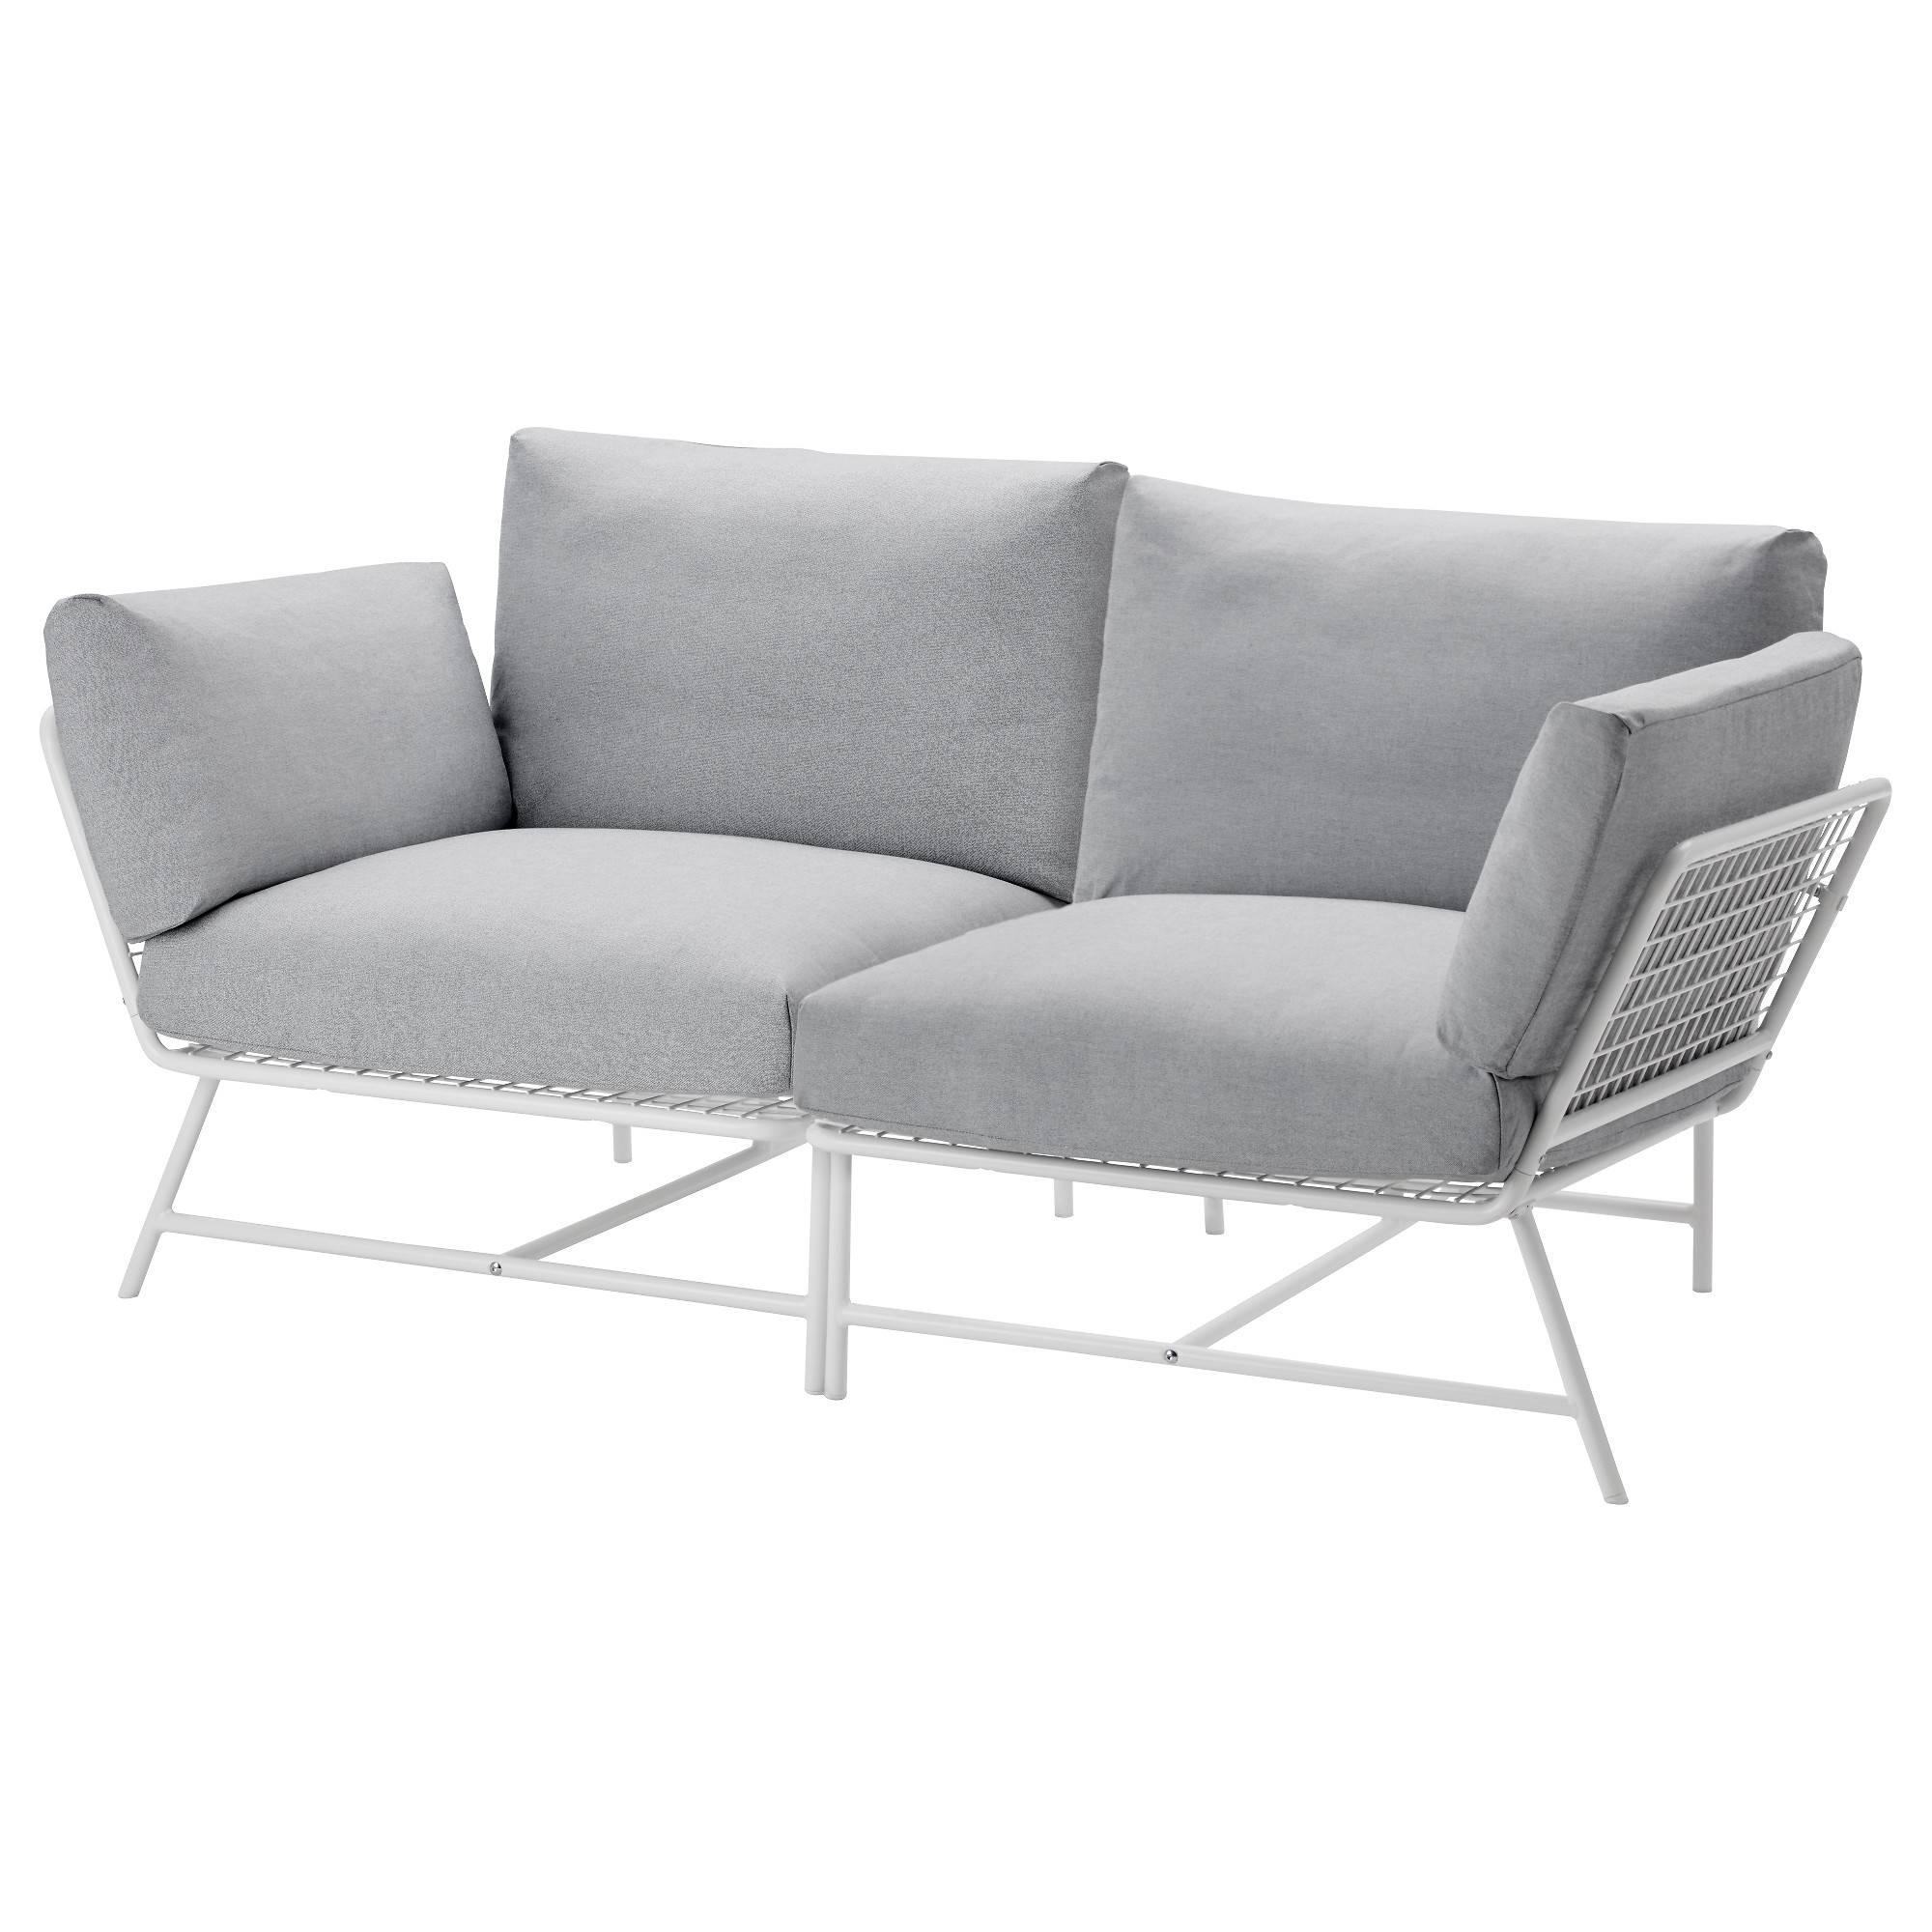 Small Sofa & 2 Seater Sofa | Ikea Regarding Small 2 Seater Sofas (View 17 of 30)